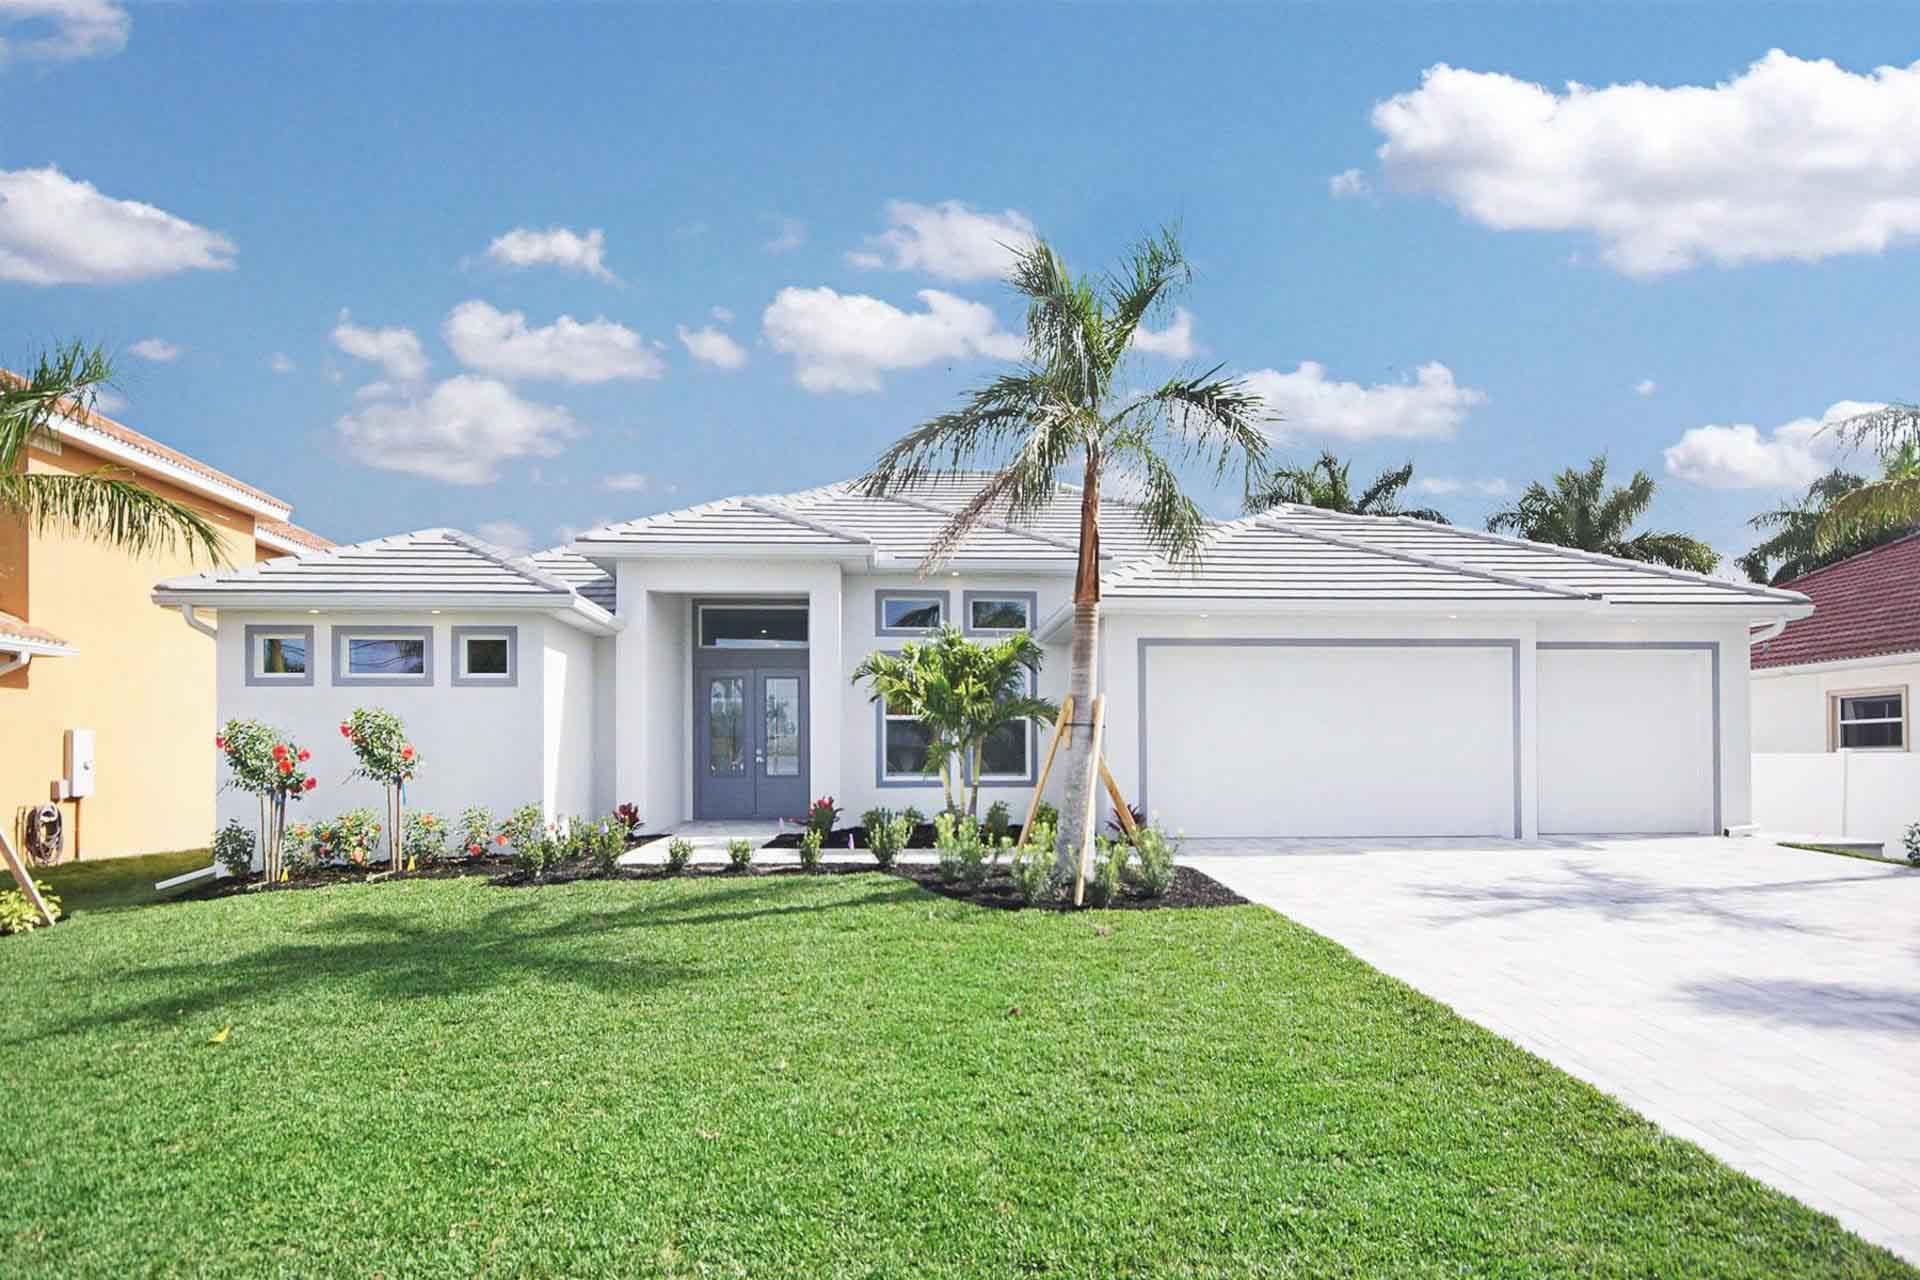 Haus in Cape Coral mit weißer Mauer